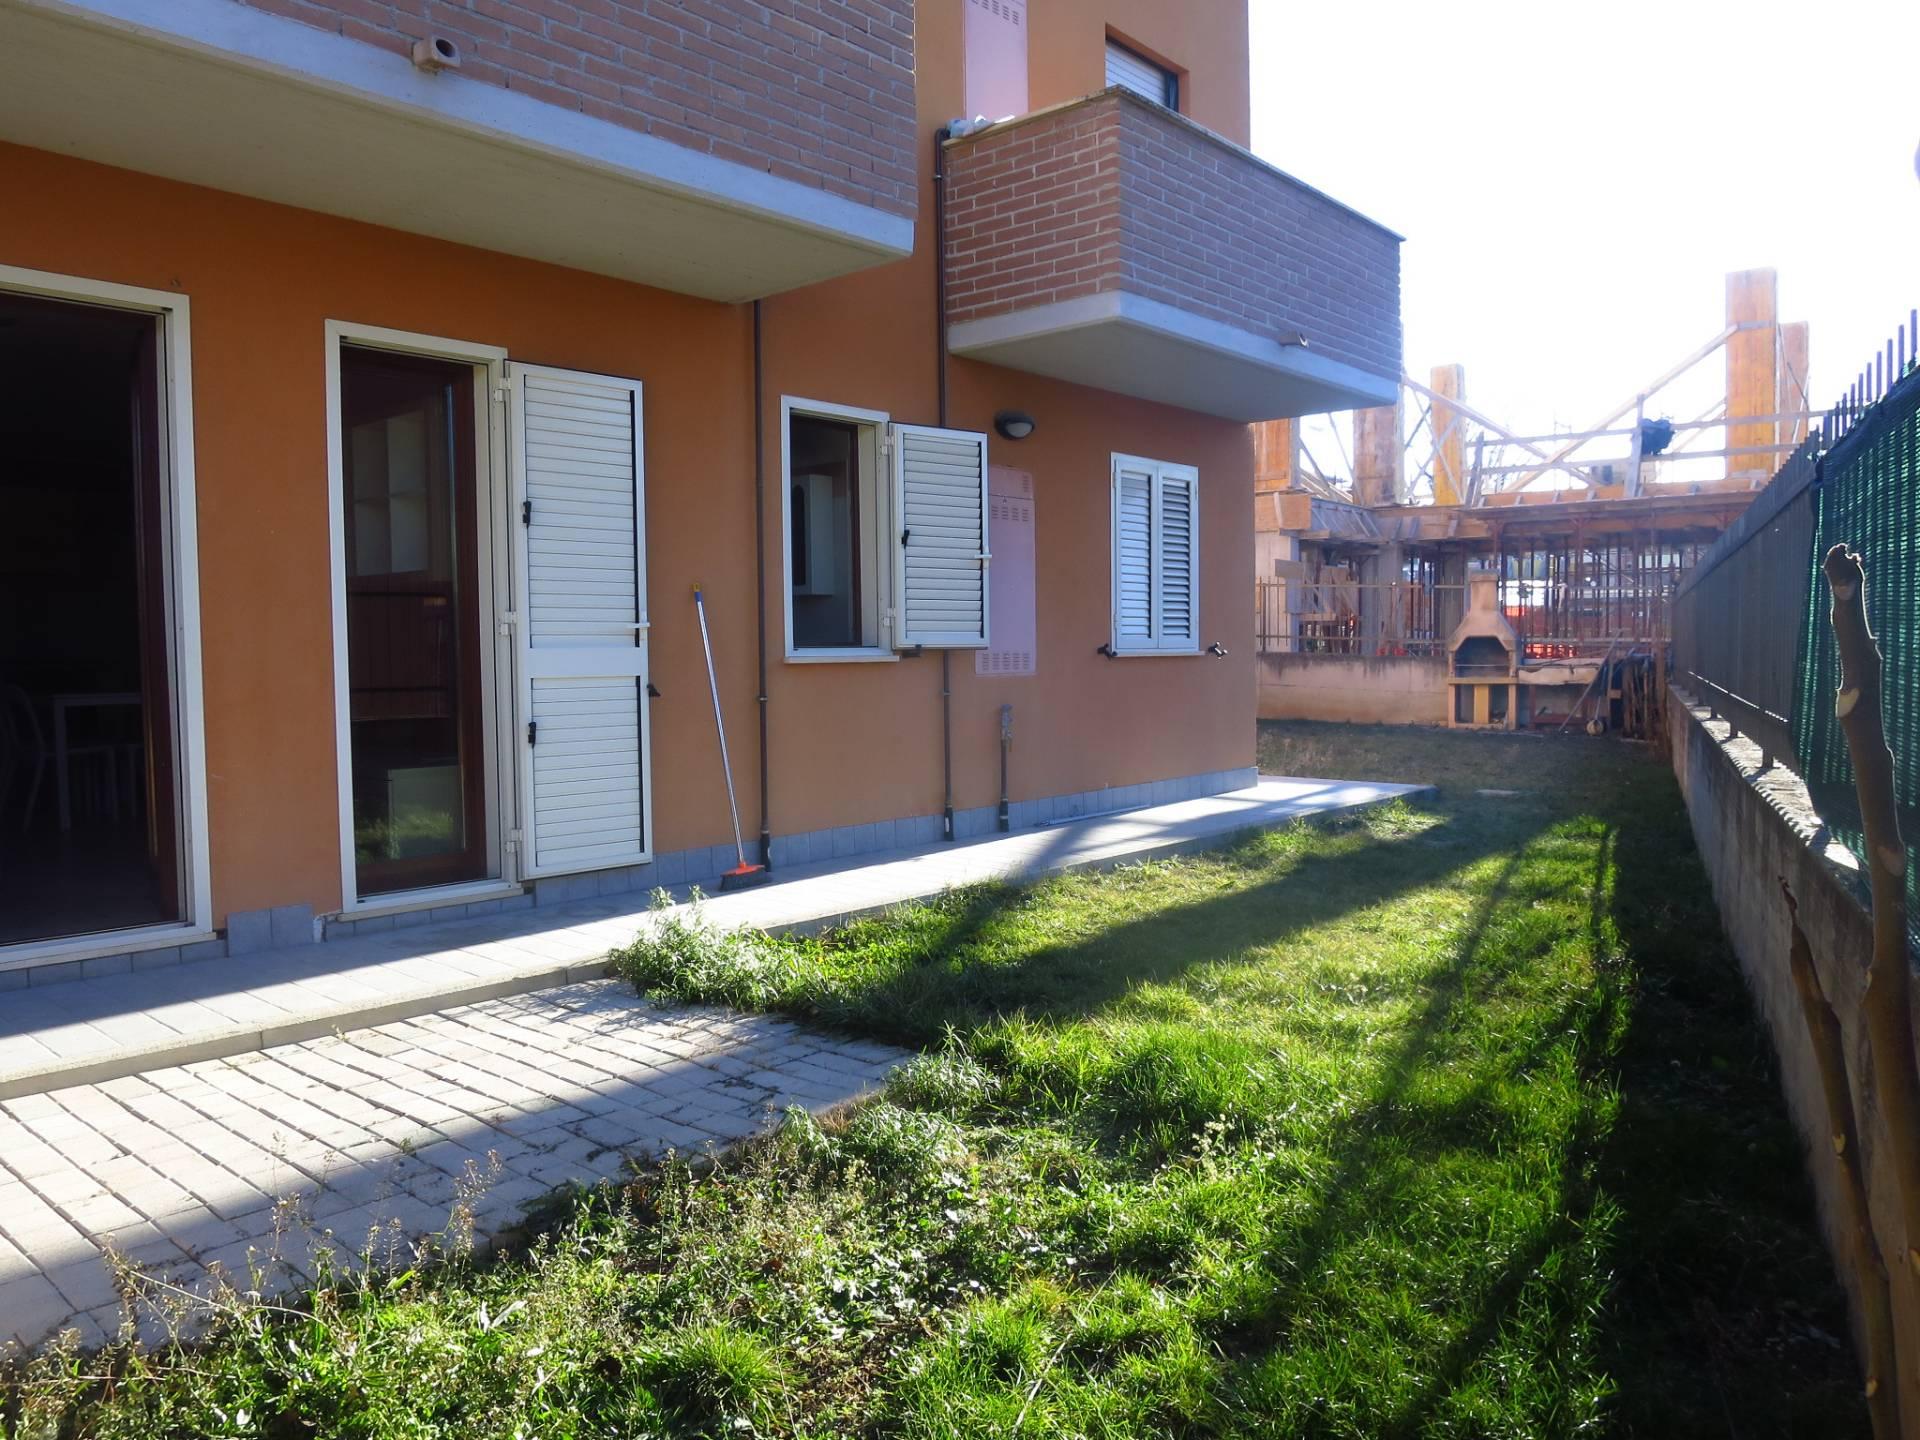 Appartamento in vendita a L'Aquila, 3 locali, zona Località: Paganica-Tempera, prezzo € 95.000 | PortaleAgenzieImmobiliari.it